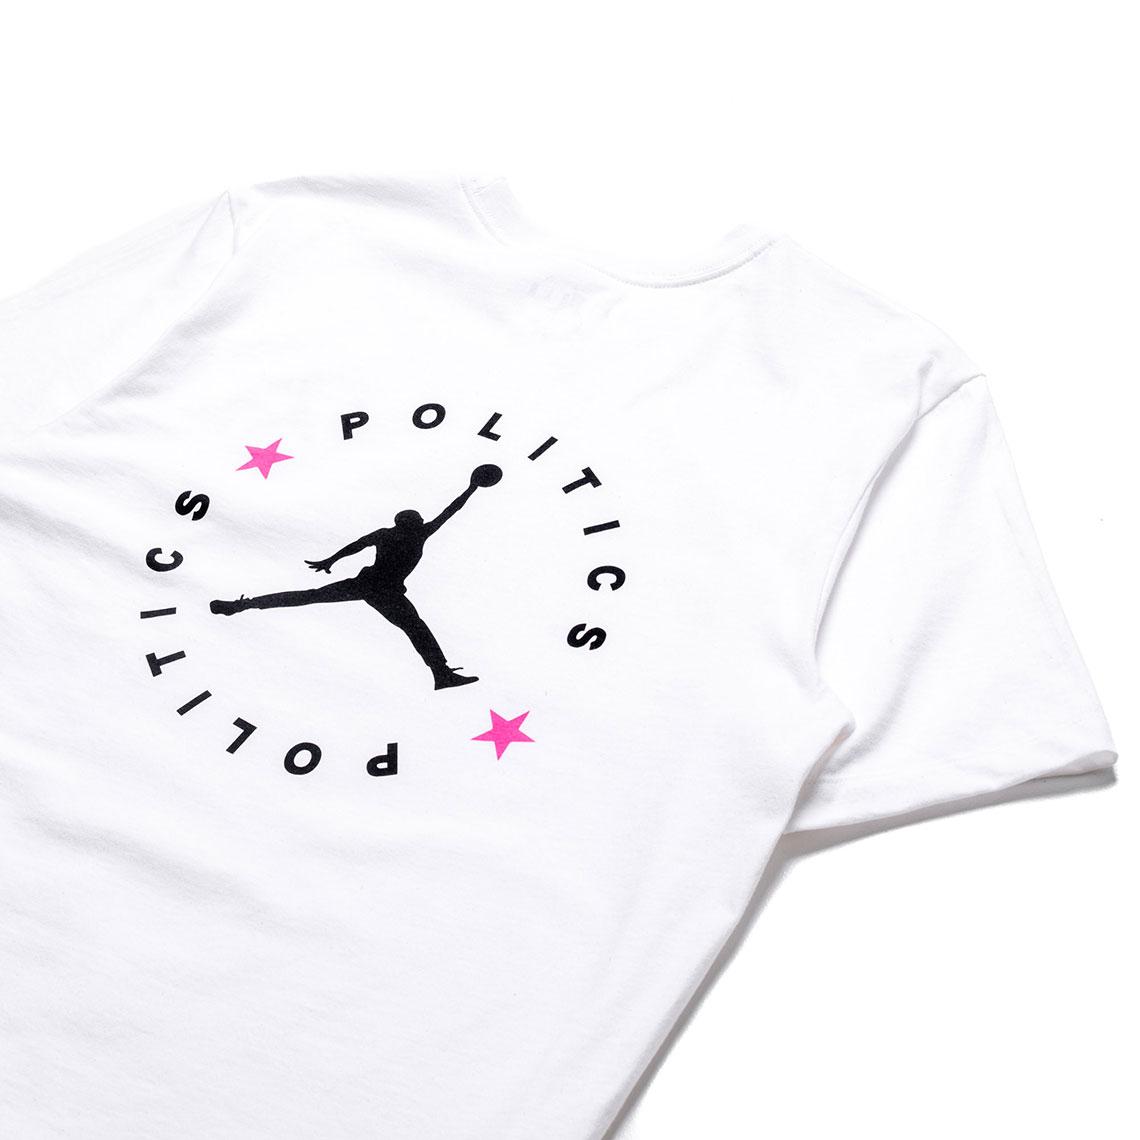 956aa1c8e3d Sneaker Politics Air Jordan 1 Low Block Party | SneakerNews.com